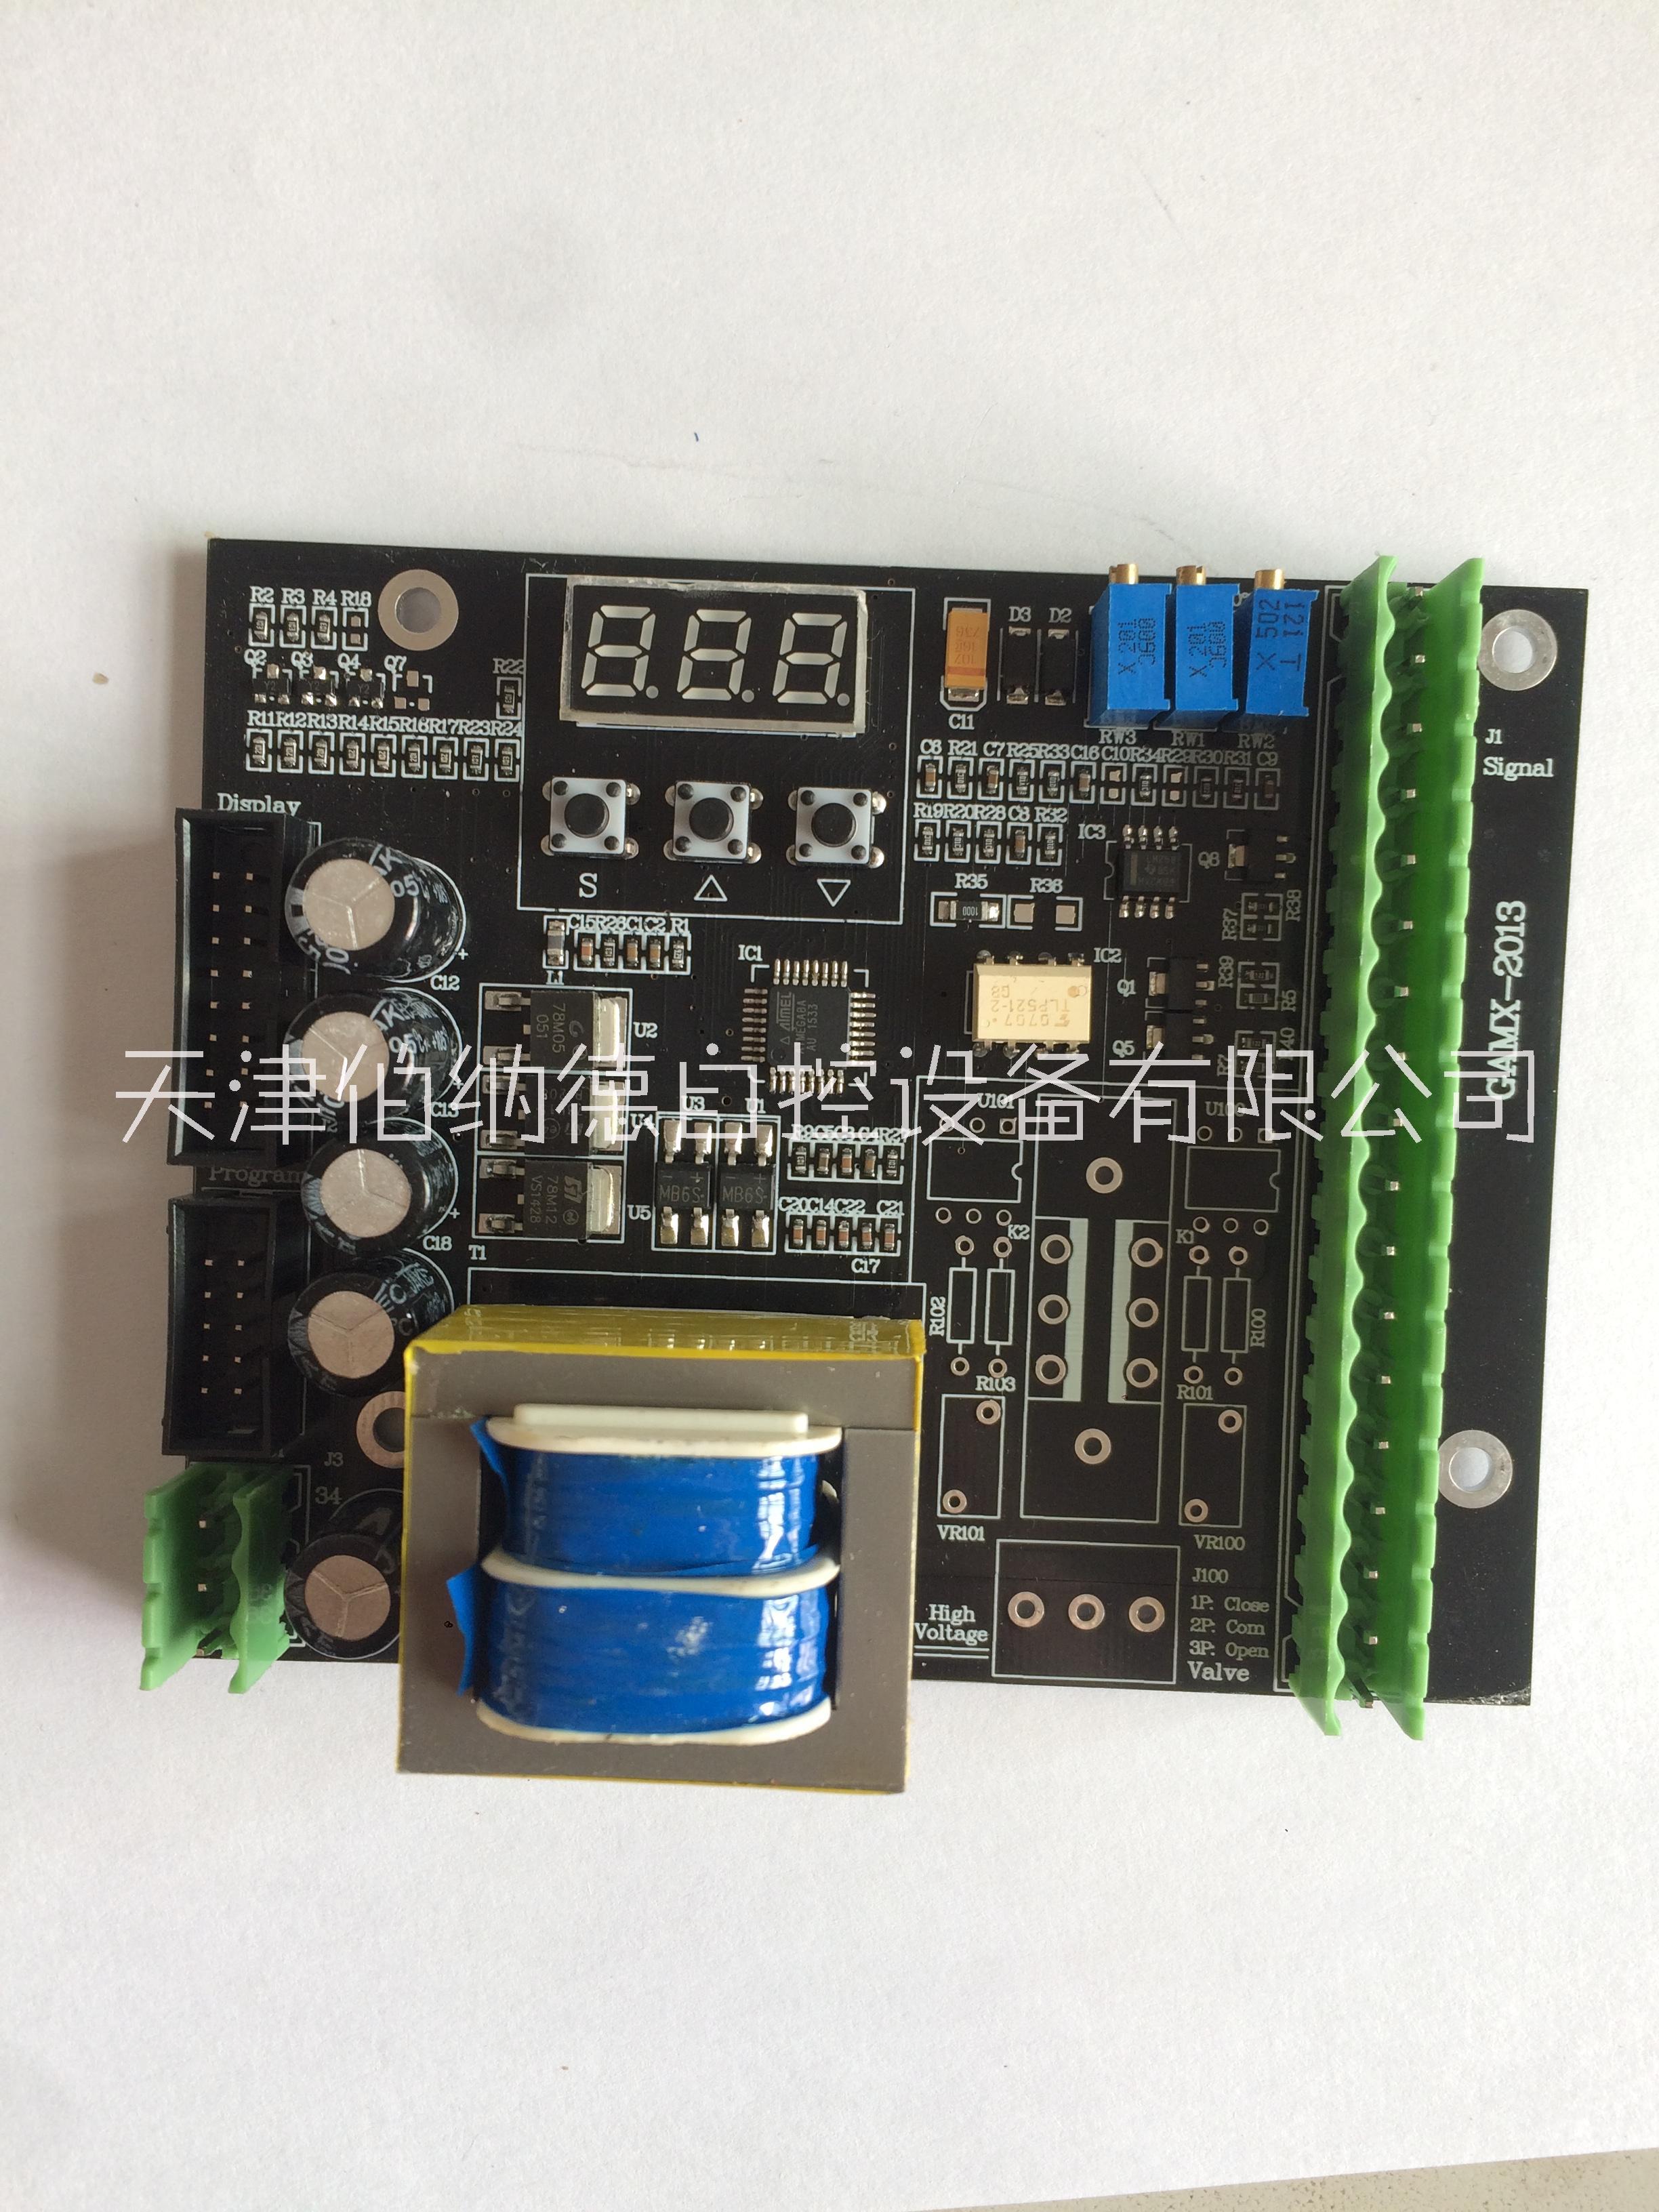 天津电动执行器控制板厂家长期提供电动执行器信号板GAMX-2013,线路板,电动执行器控制板价格